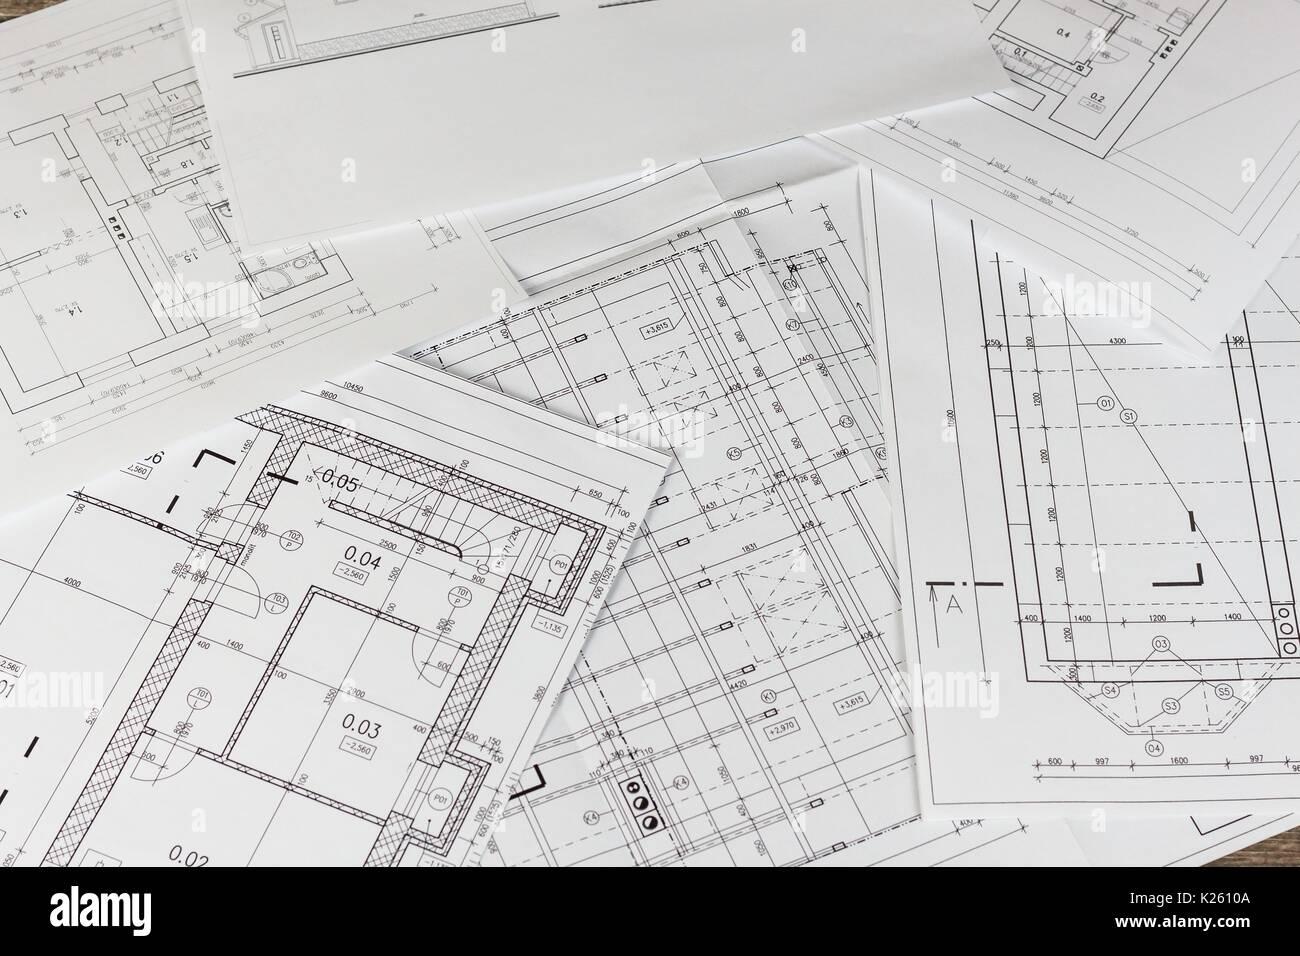 plane der gebaude architektonisches projekt grundriss gestaltete gebaude auf der zeichnung engineering und technische zeichnung